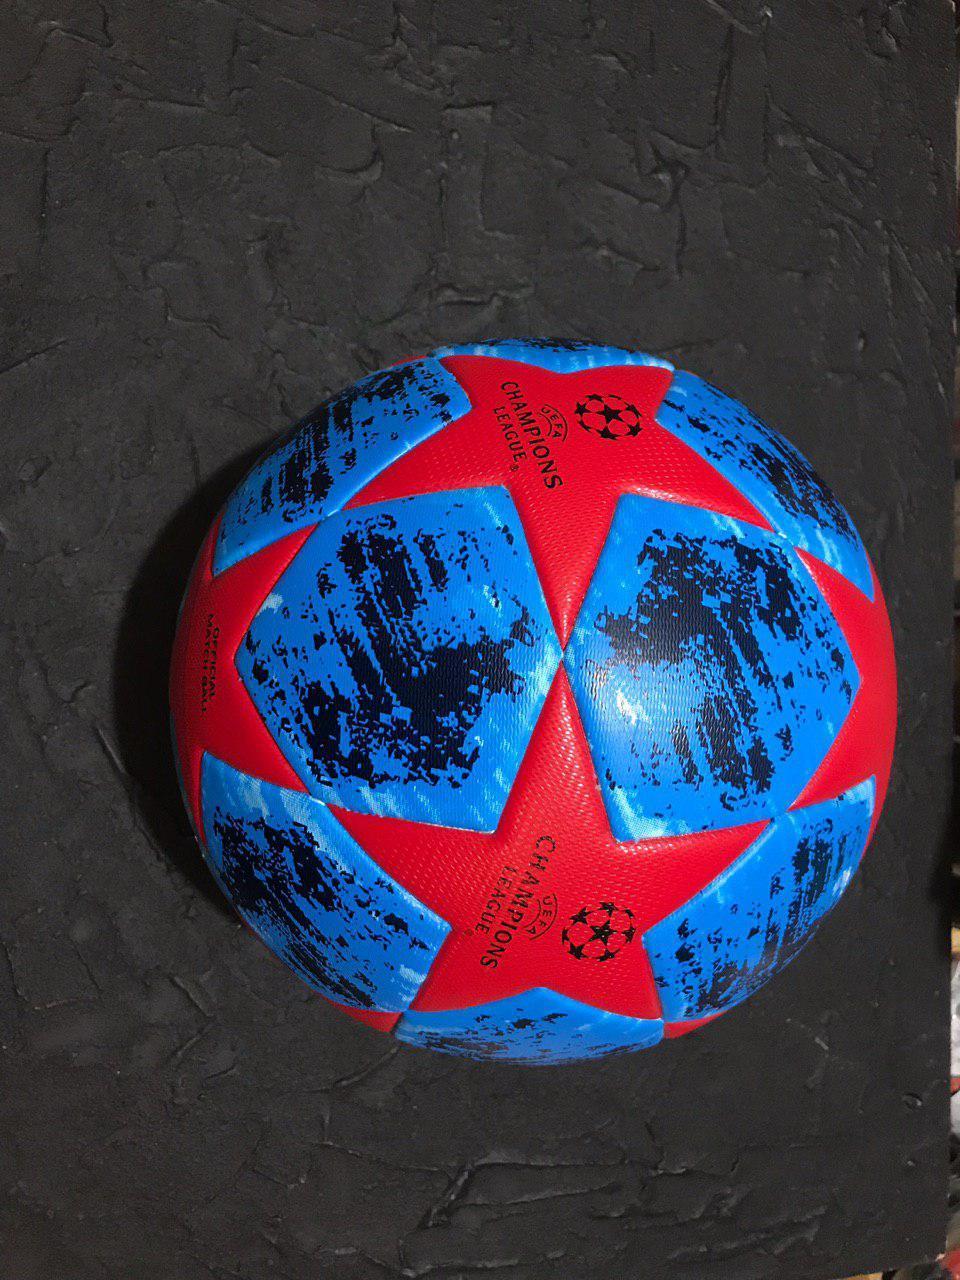 Футбольний м'яч ліги чемпіонів синьо-червоний